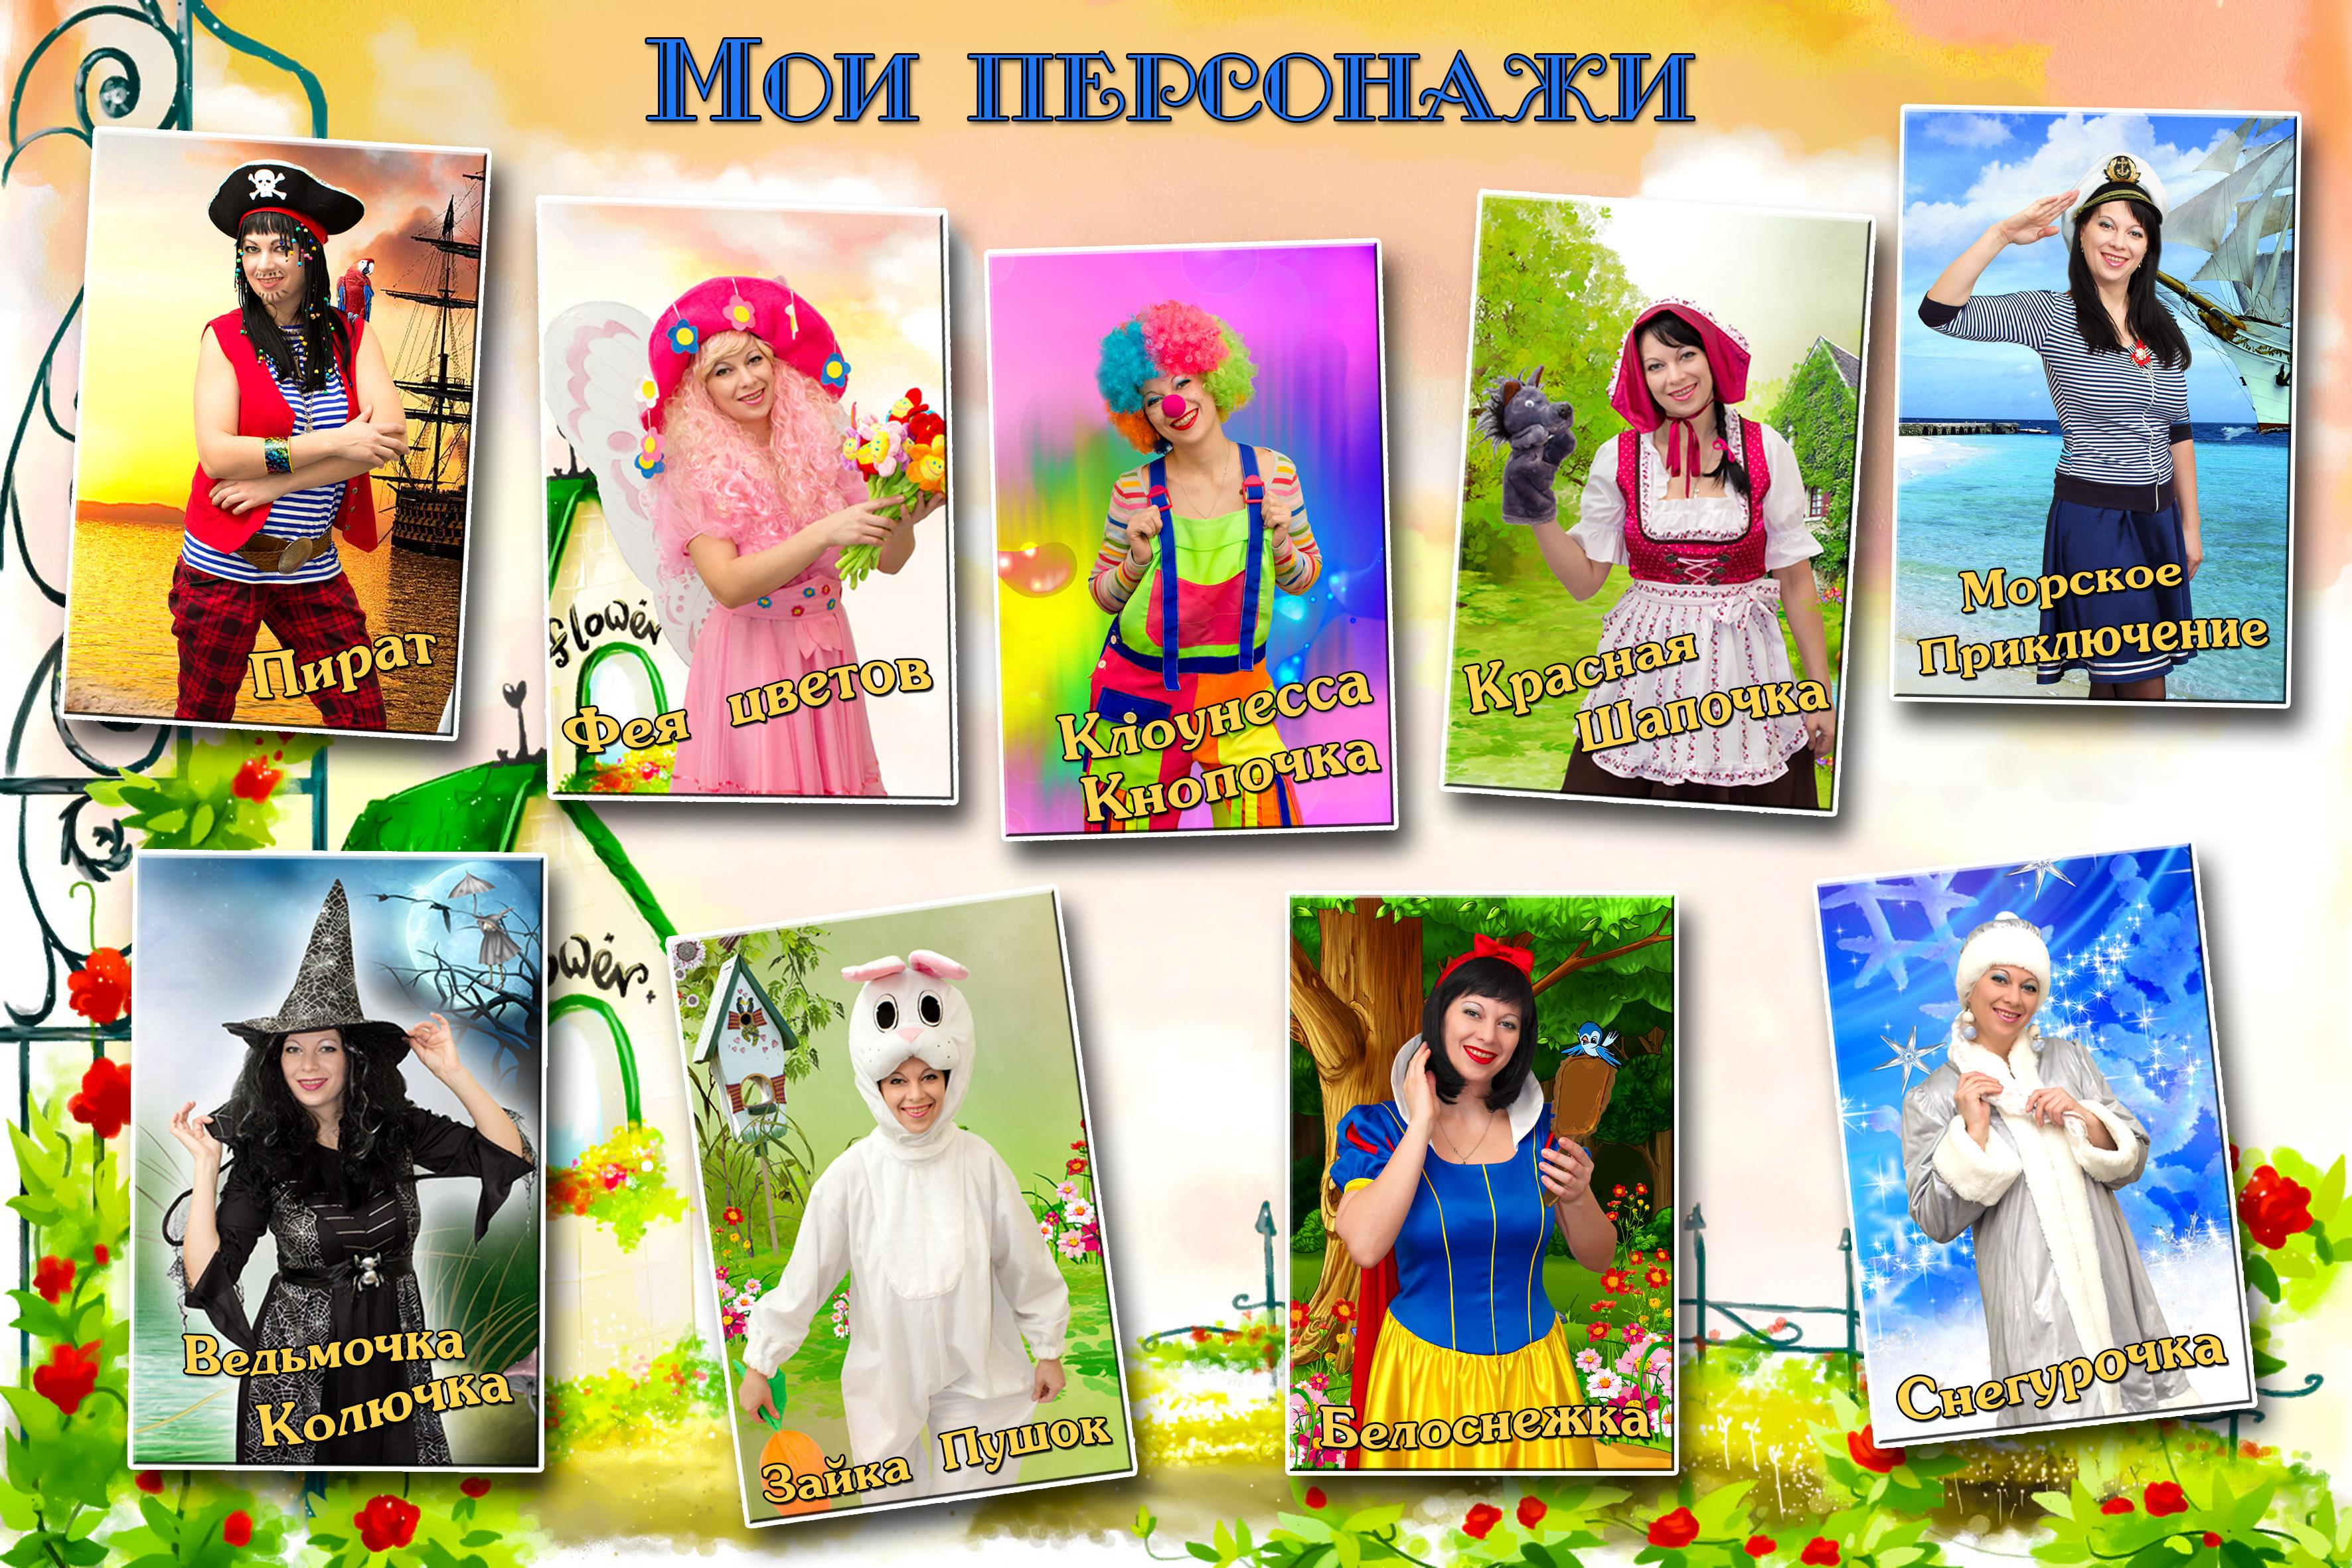 Какие есть общероссийские праздники в россии